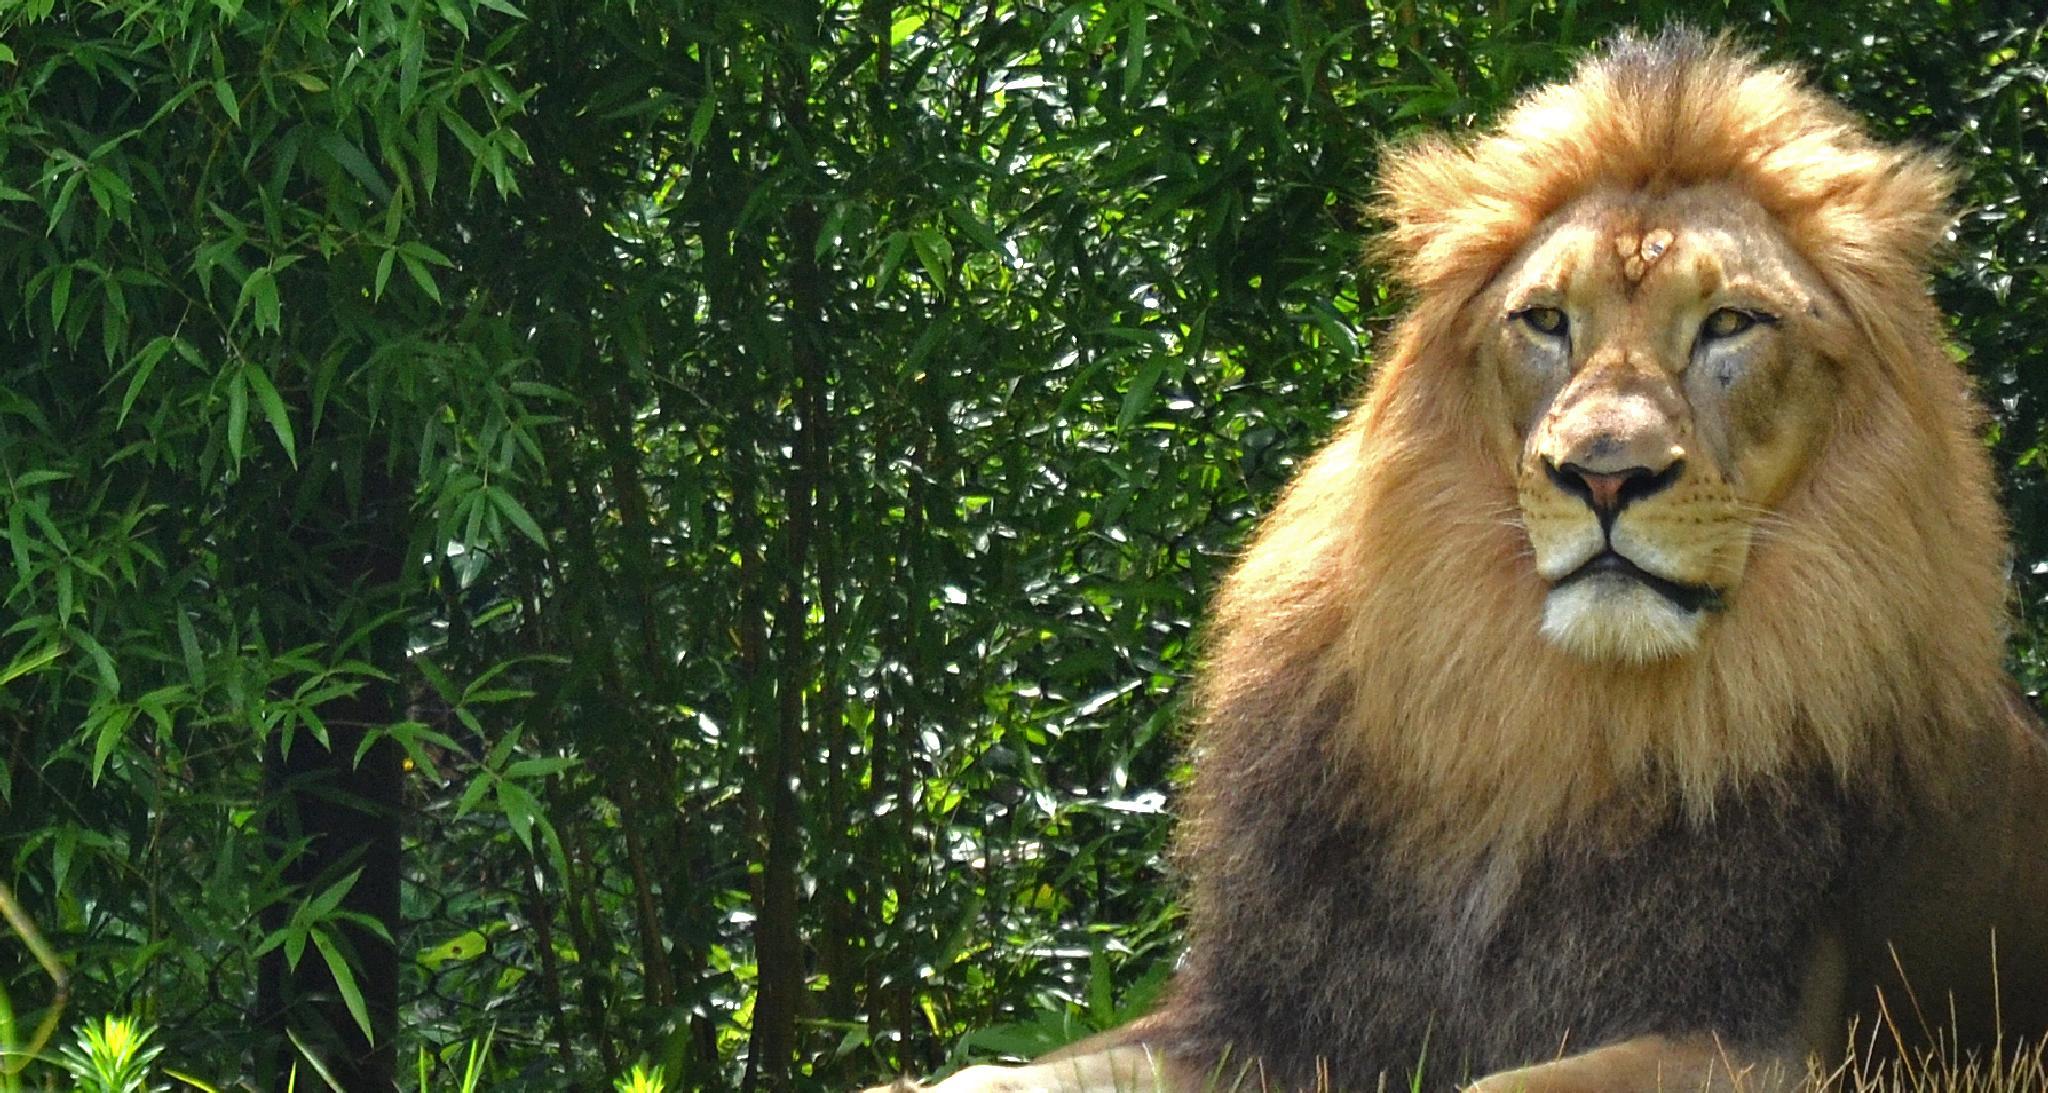 Regal Lion by Annie Huber